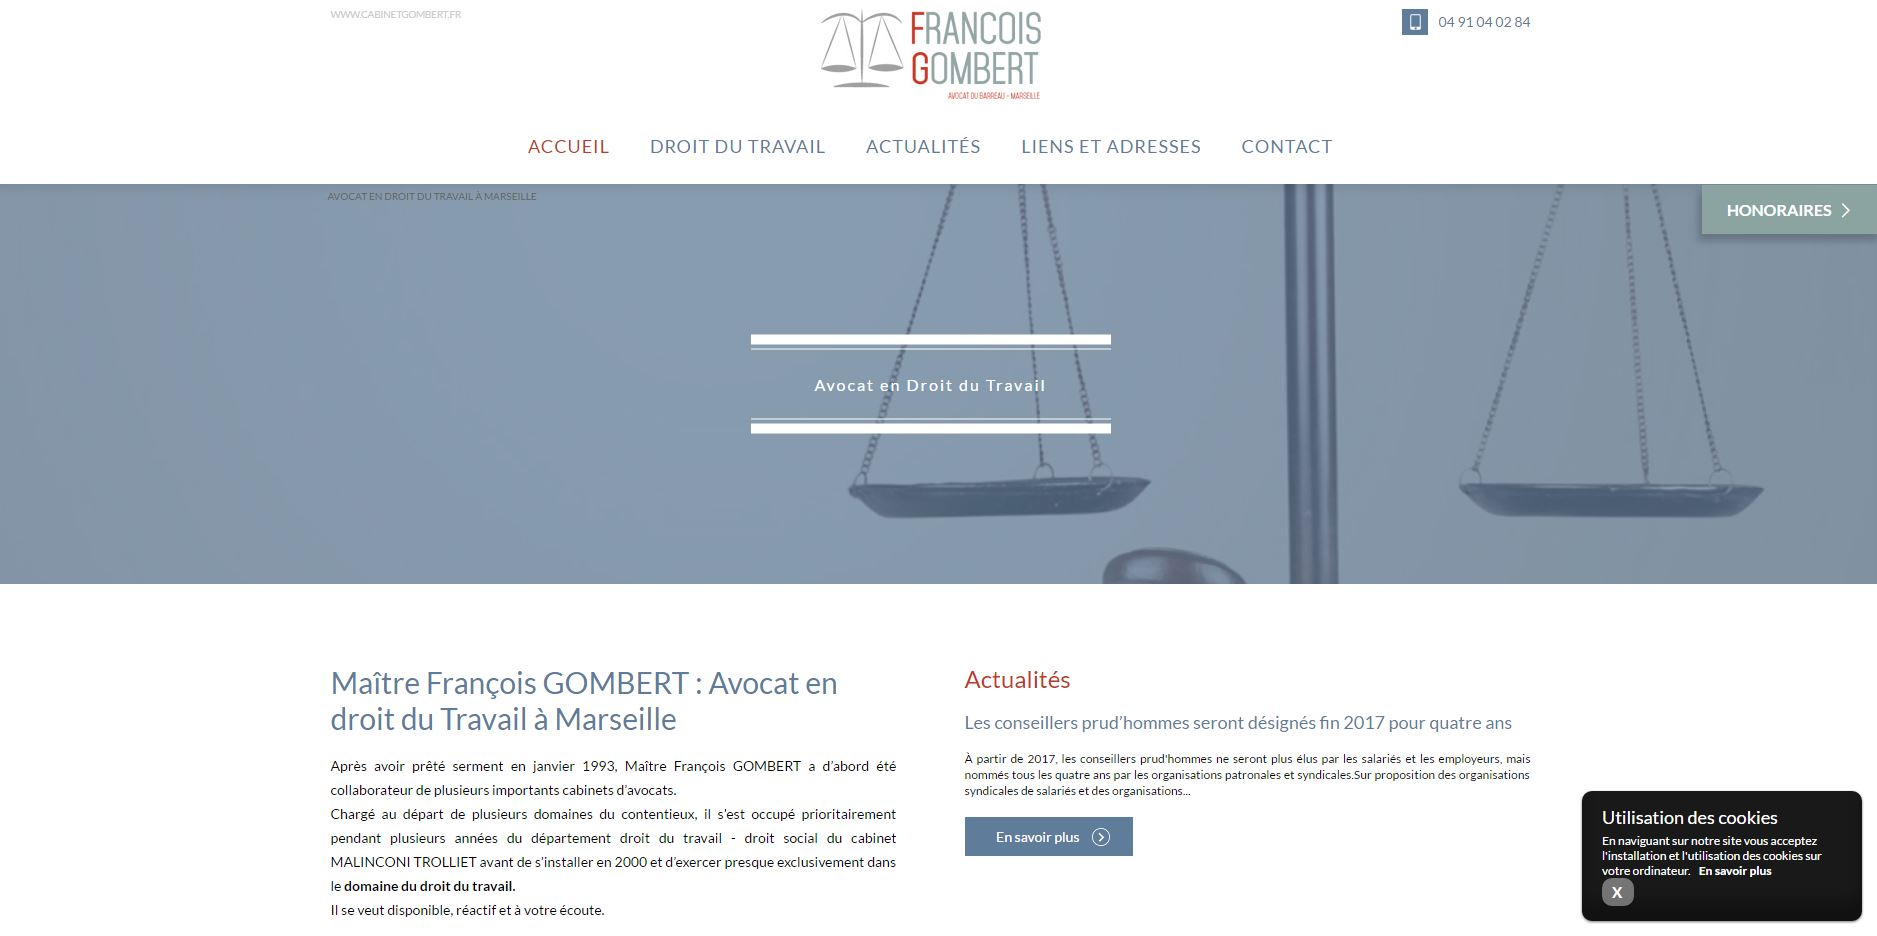 Cabinet d'avocats en droit du travail à Marseille